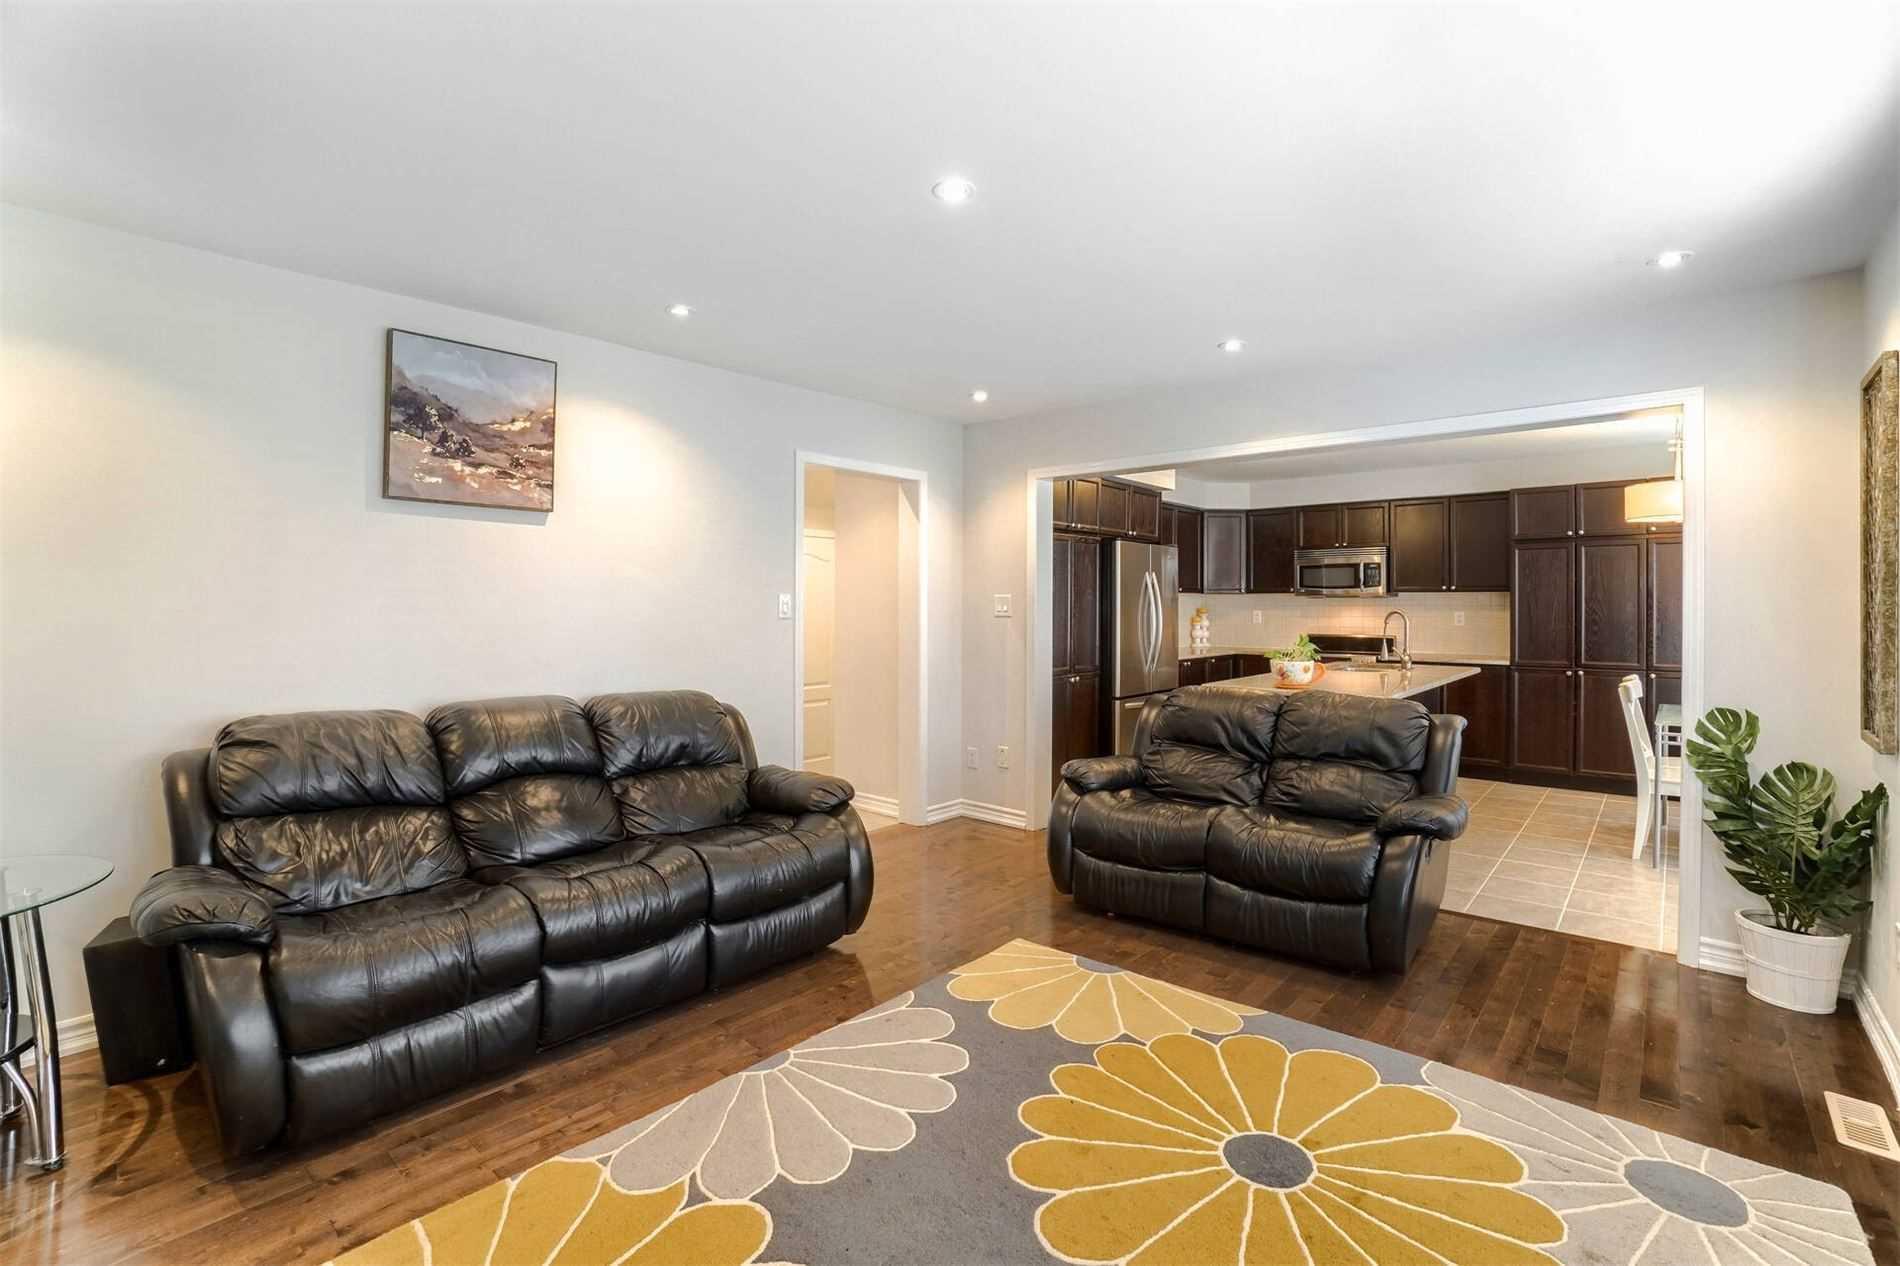 909 Hepburn Rd - Coates Detached for sale, 4 Bedrooms (W5398610) - #11